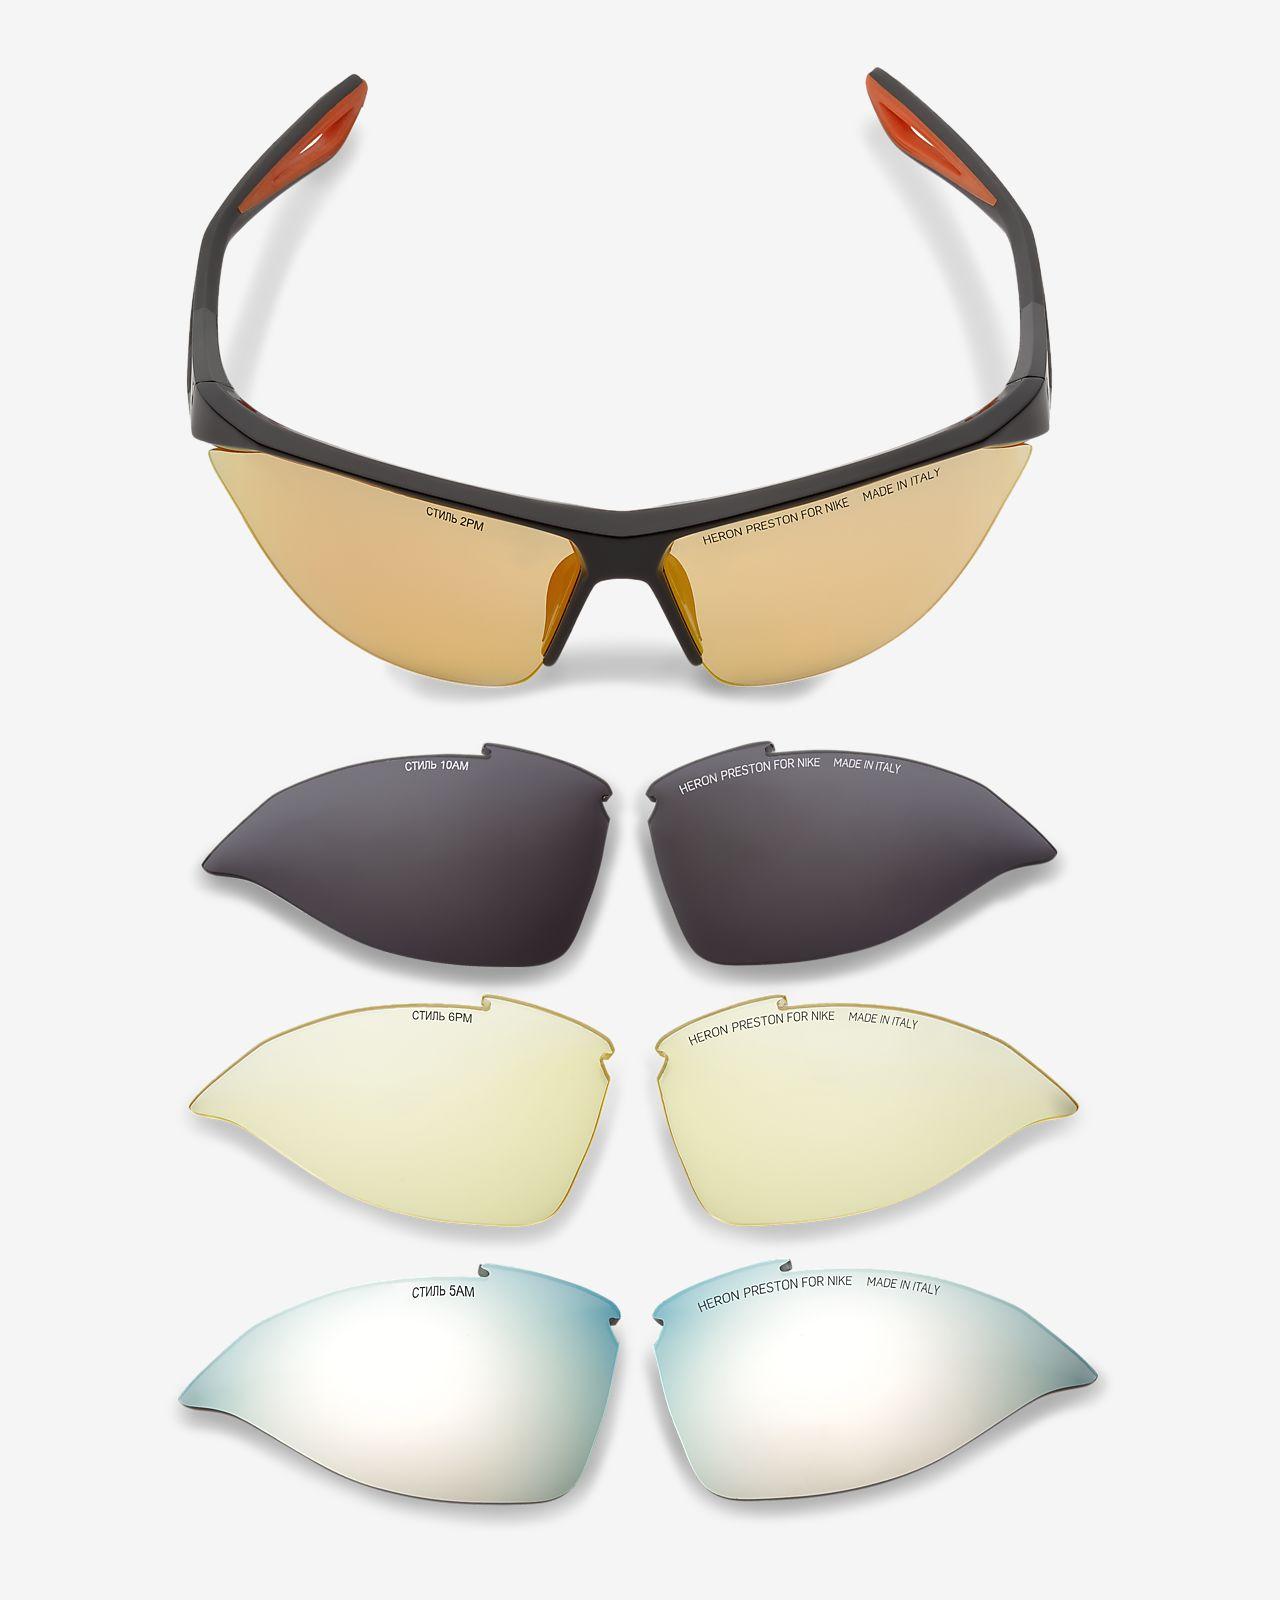 6170d675e59d Nike x Heron Preston Tailwind Sunglasses. Nike.com DK